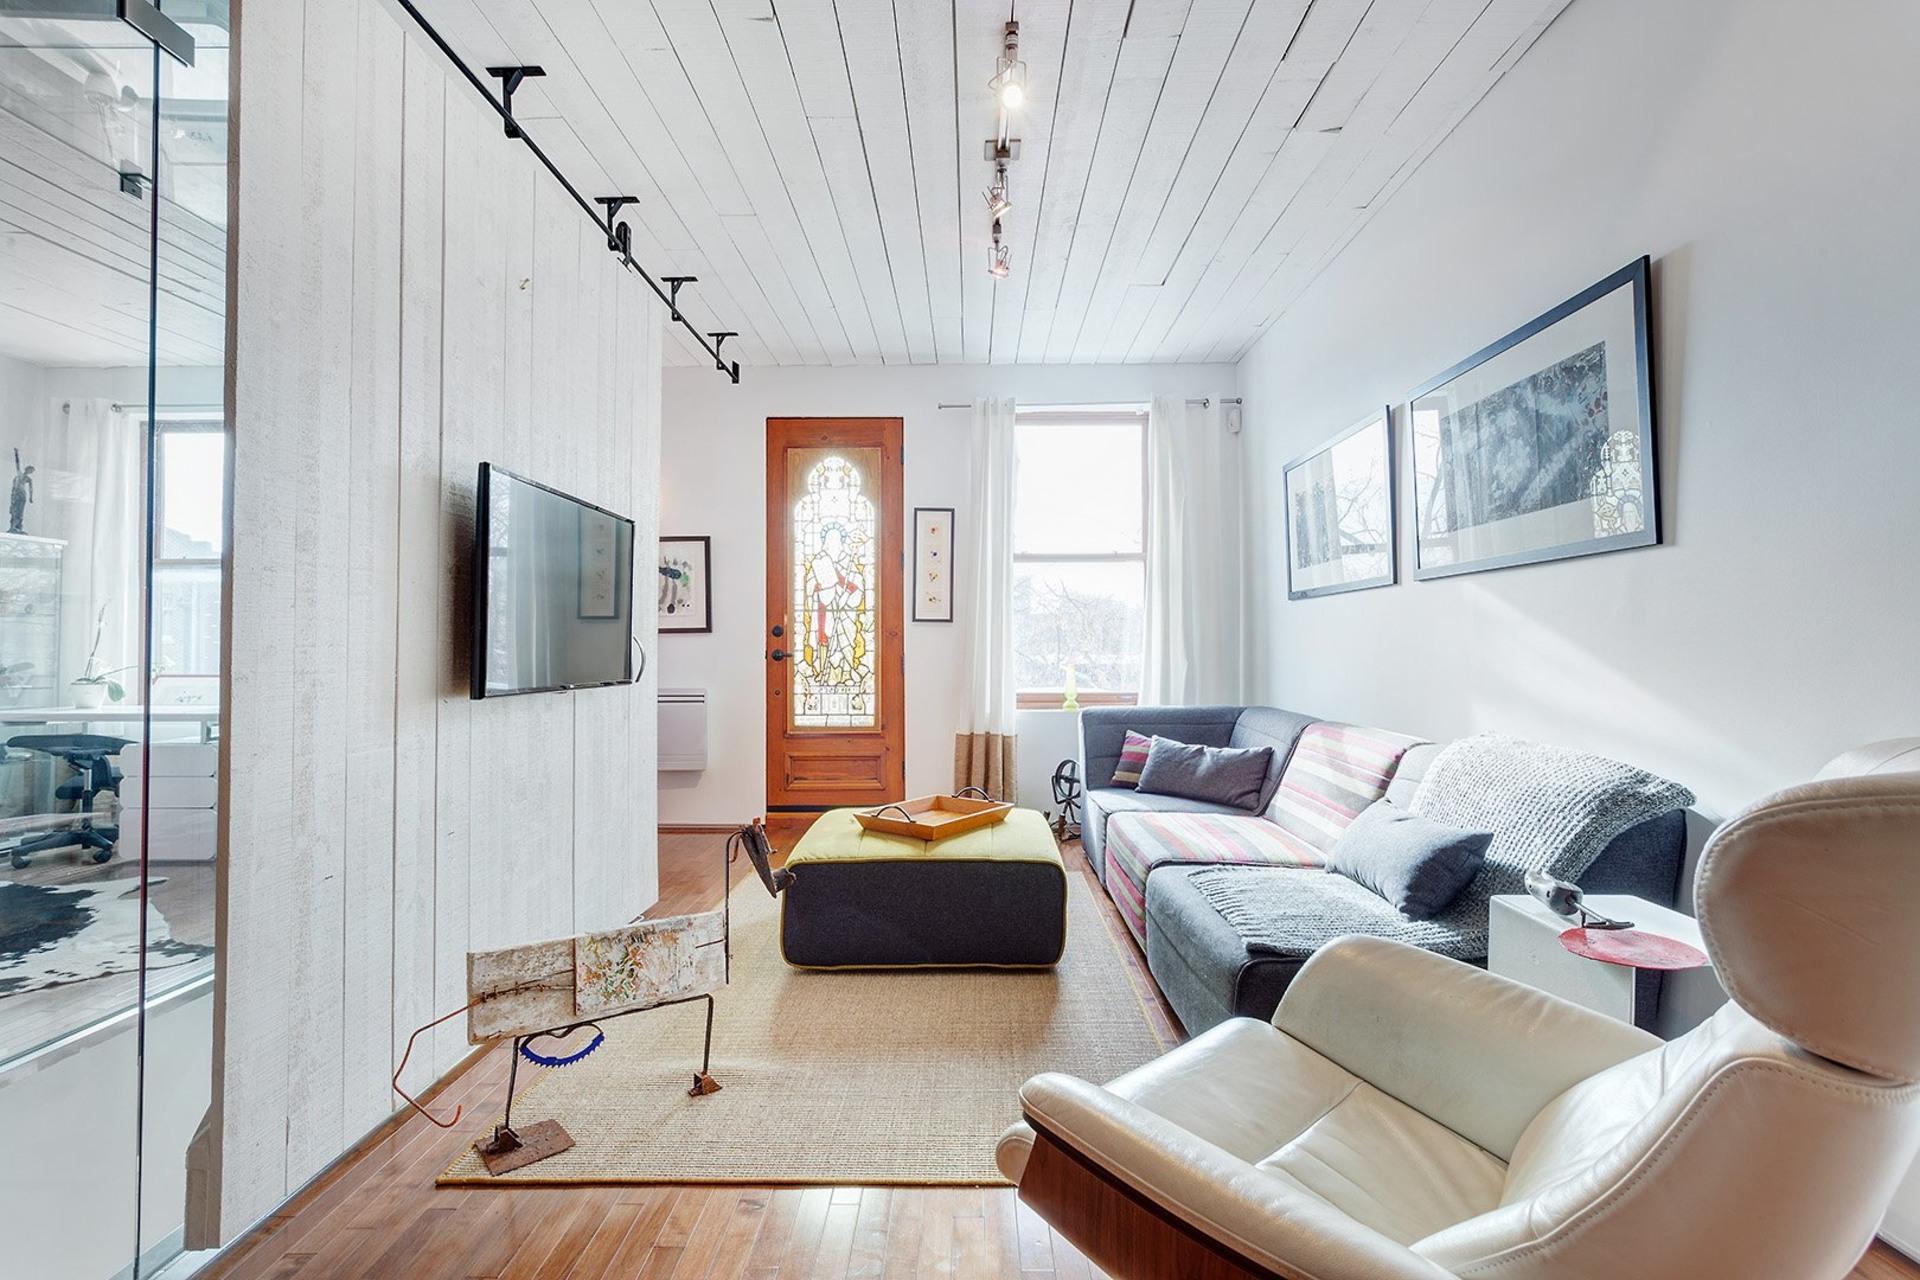 image 16 - Appartement À vendre Rosemont/La Petite-Patrie Montréal  - 13 pièces